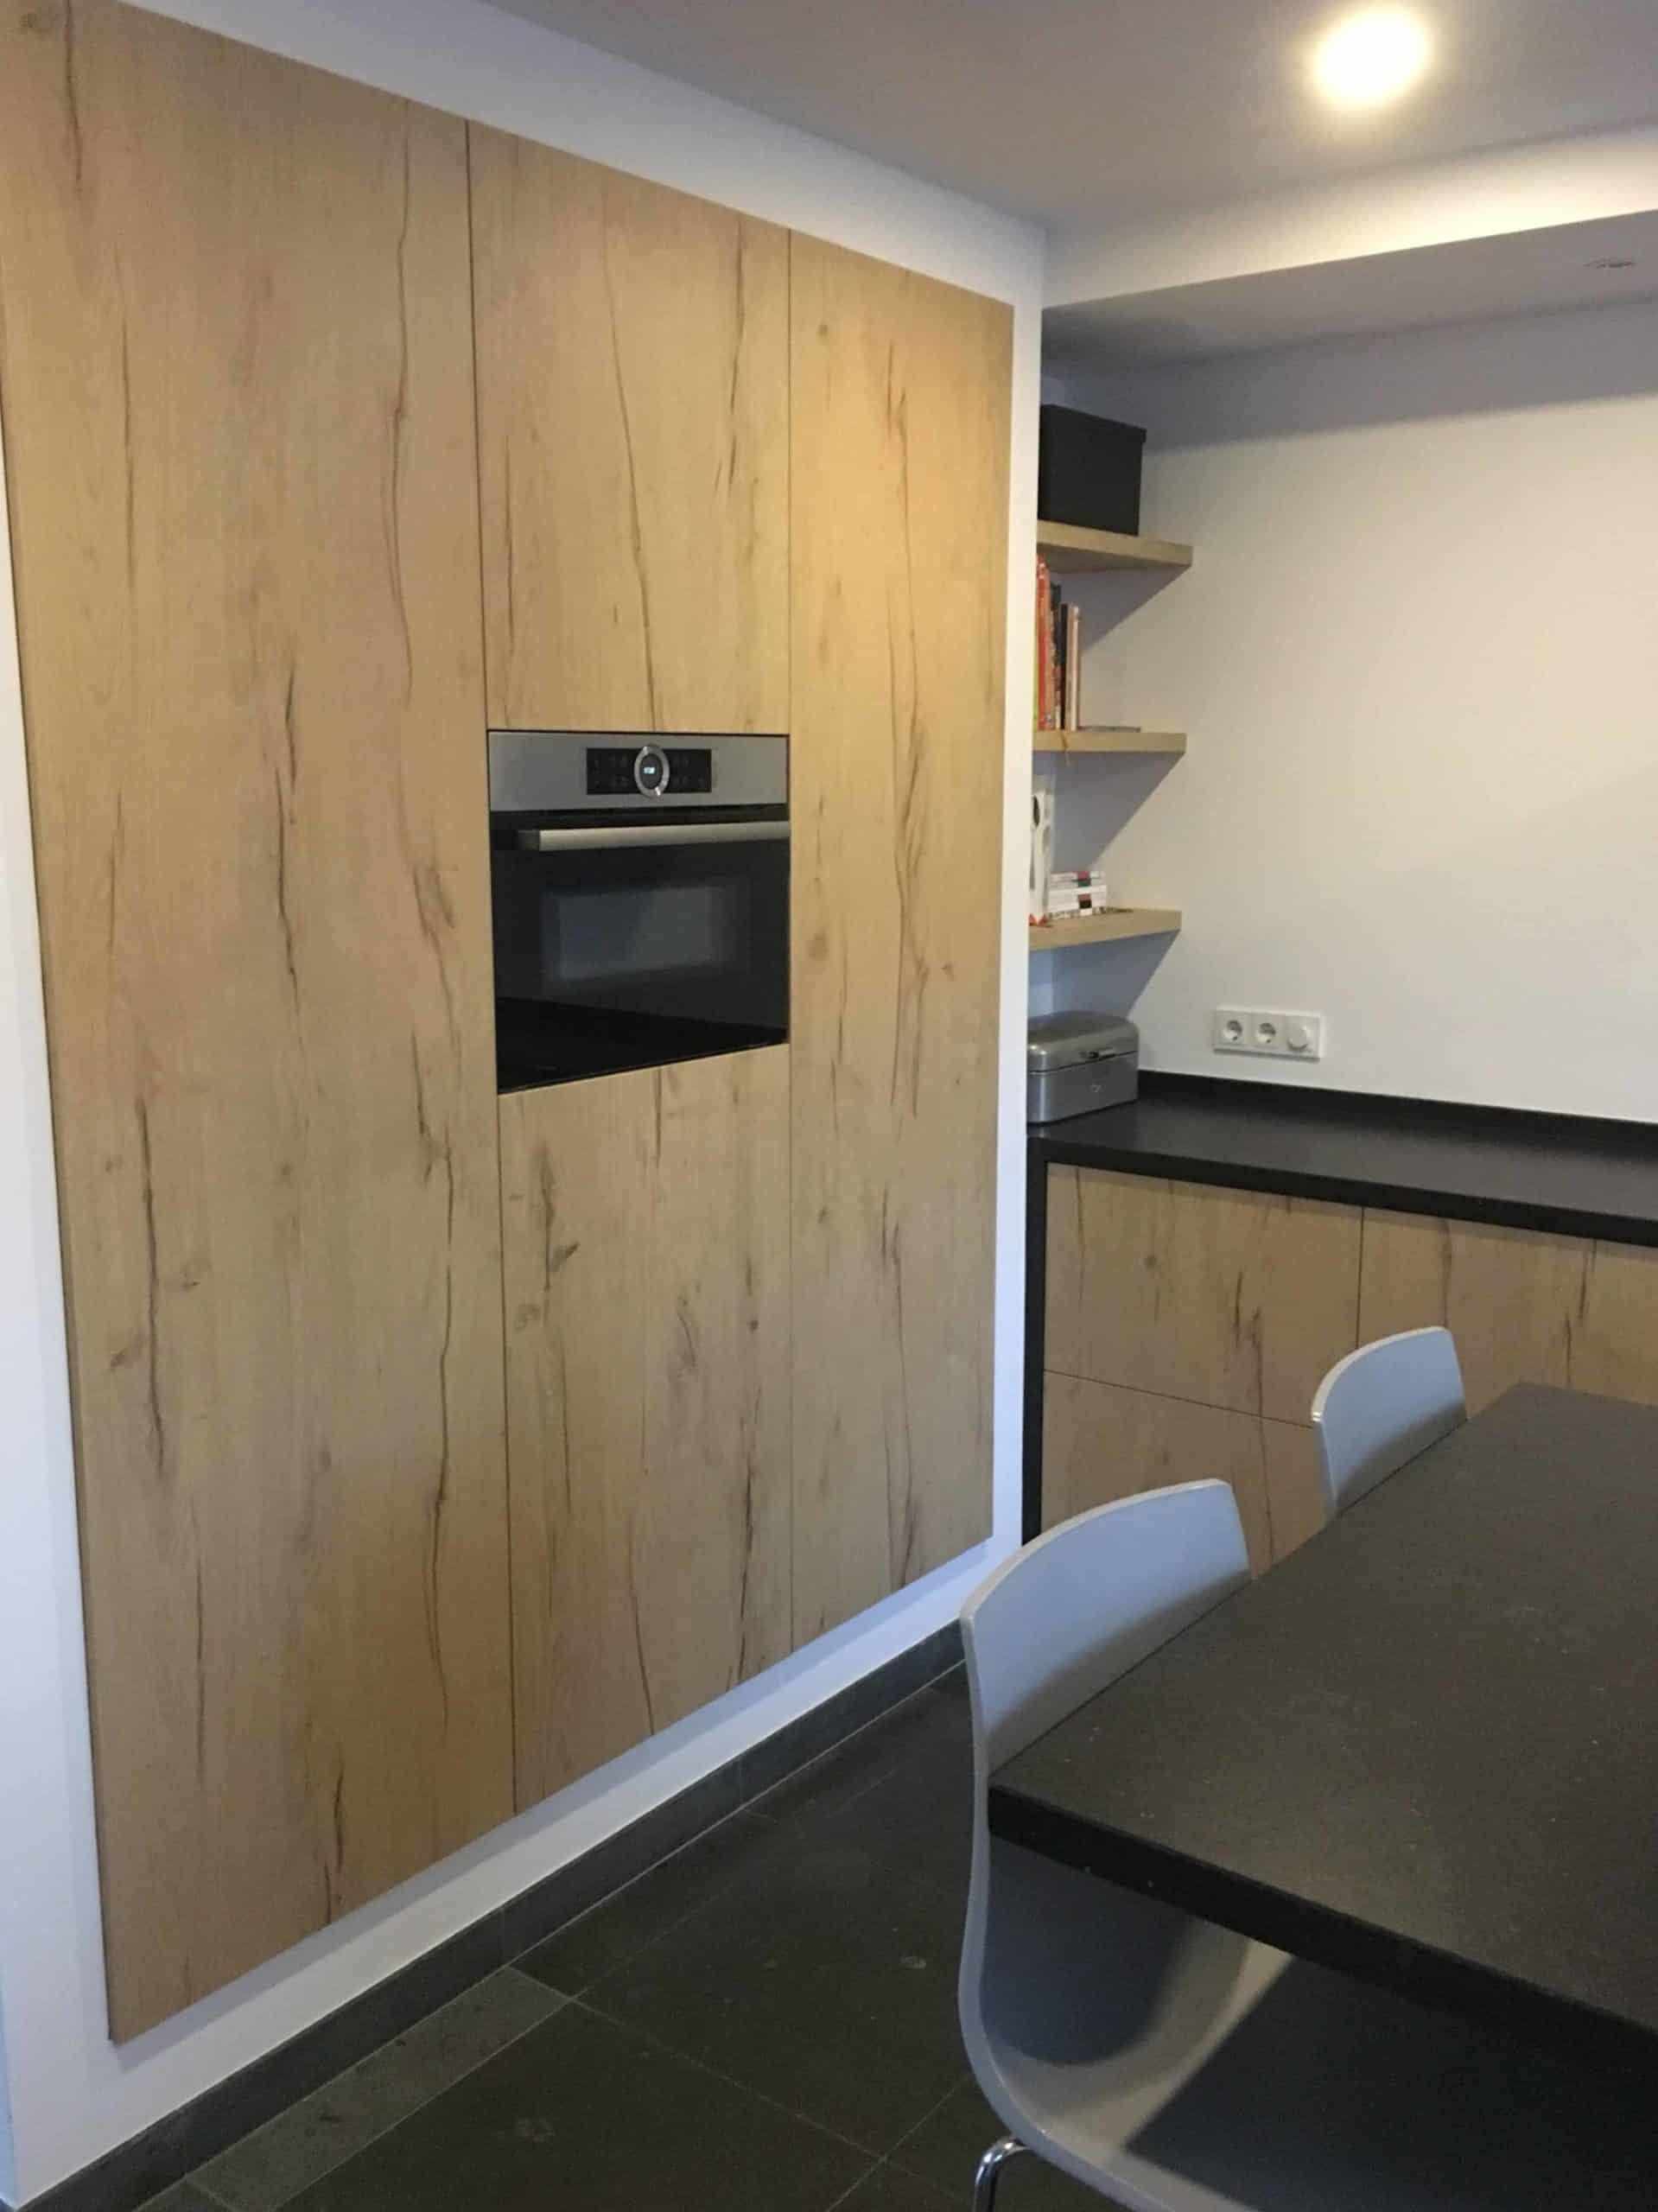 keuken hout look